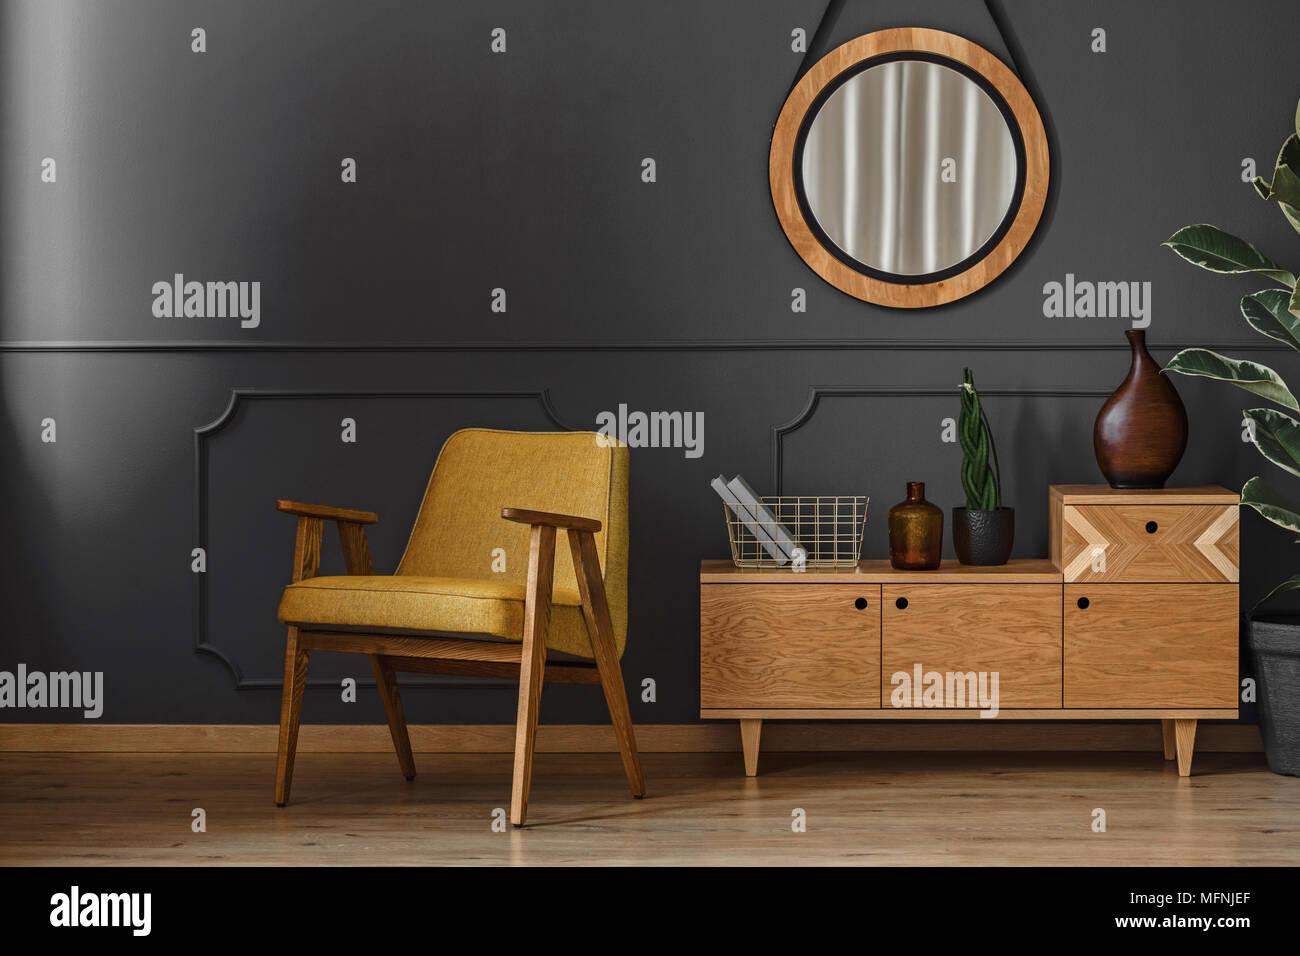 holz schrank wohnzimmer einrichtung, wohnzimmer einrichtung mit runden spiegel, holzschrank und retro, Design ideen